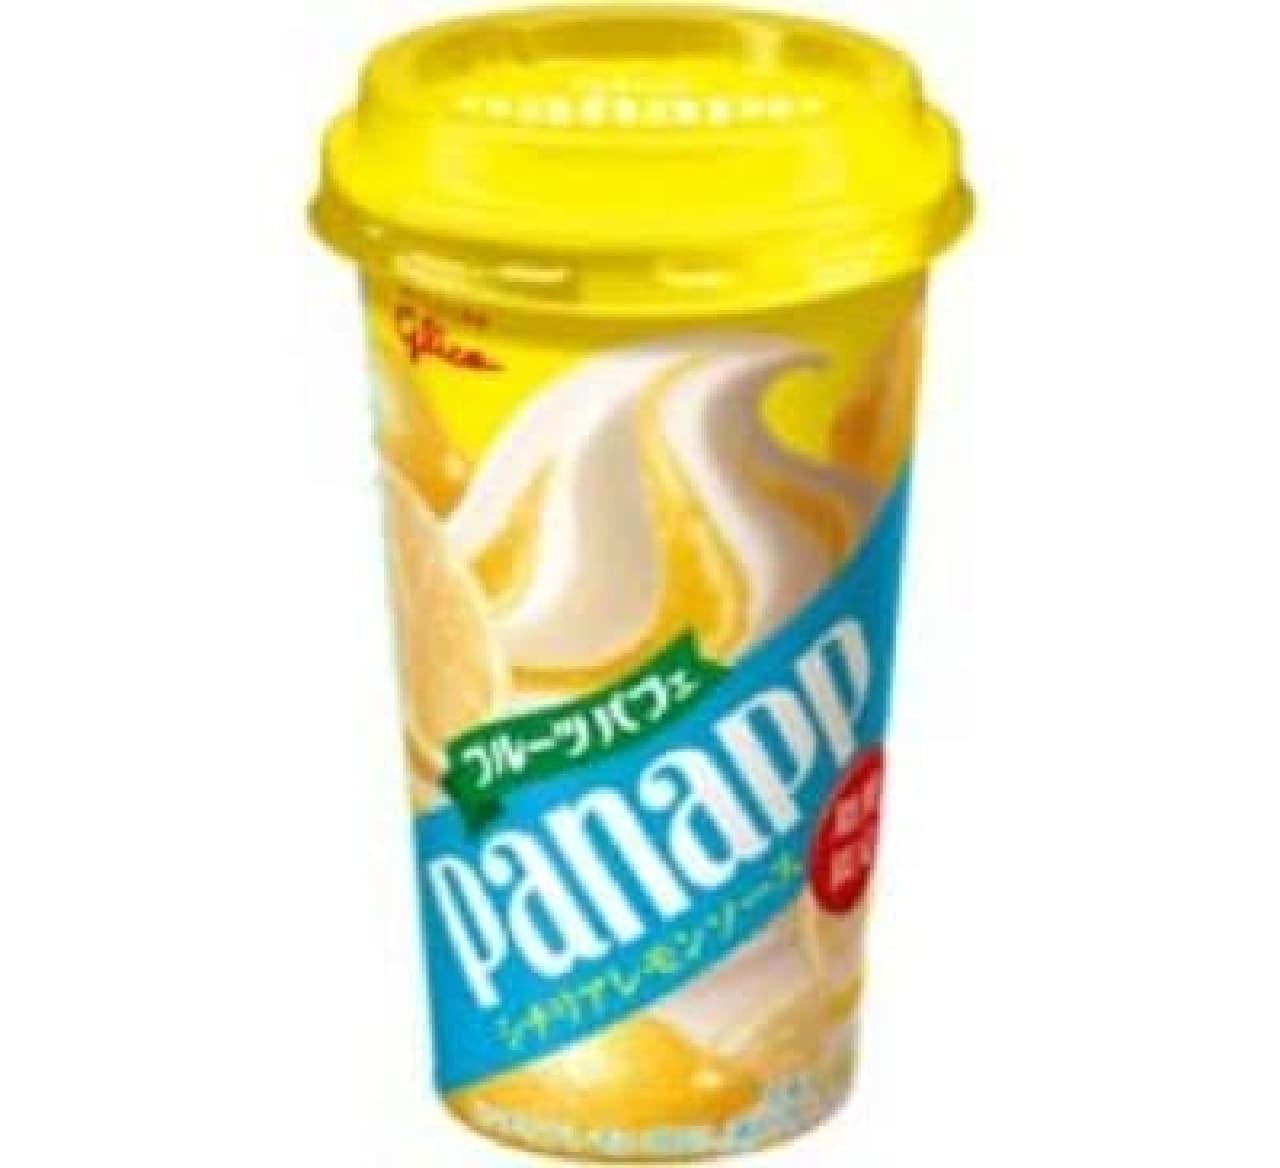 パナップ シチリアレモン